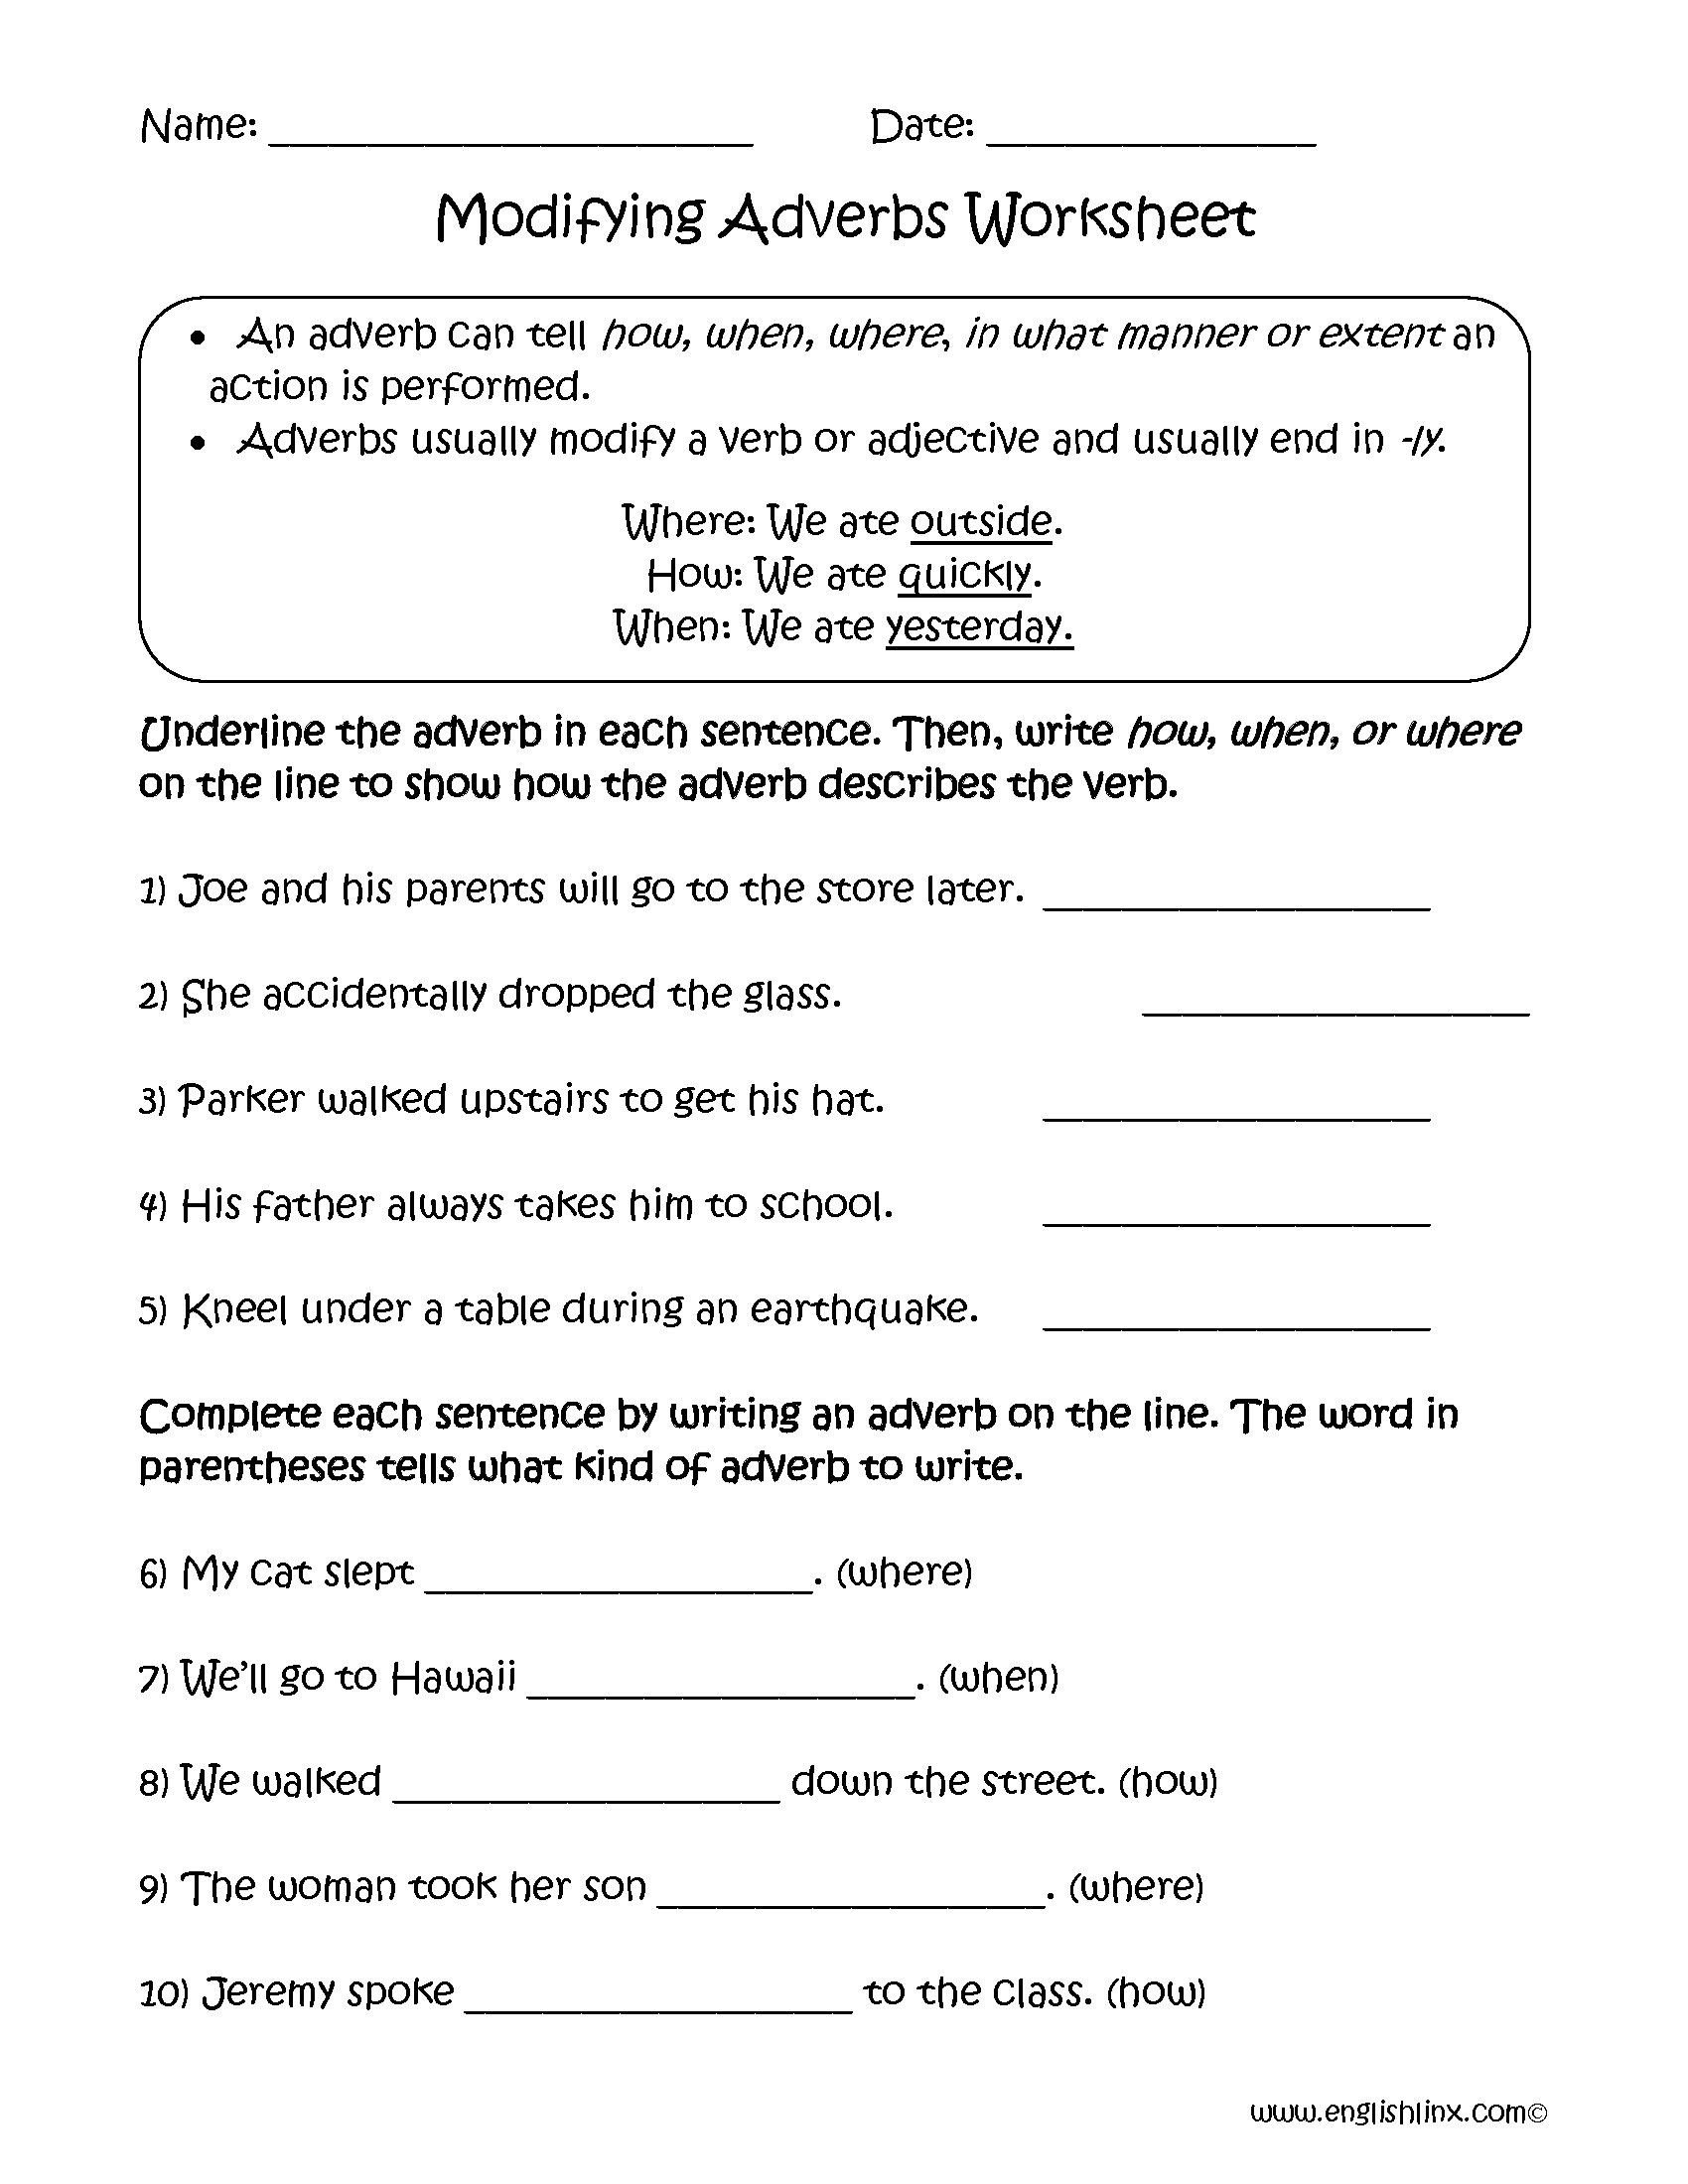 Adverbs Worksheets   Regular Adverbs Worksheets   Adverbs worksheet [ 2200 x 1700 Pixel ]